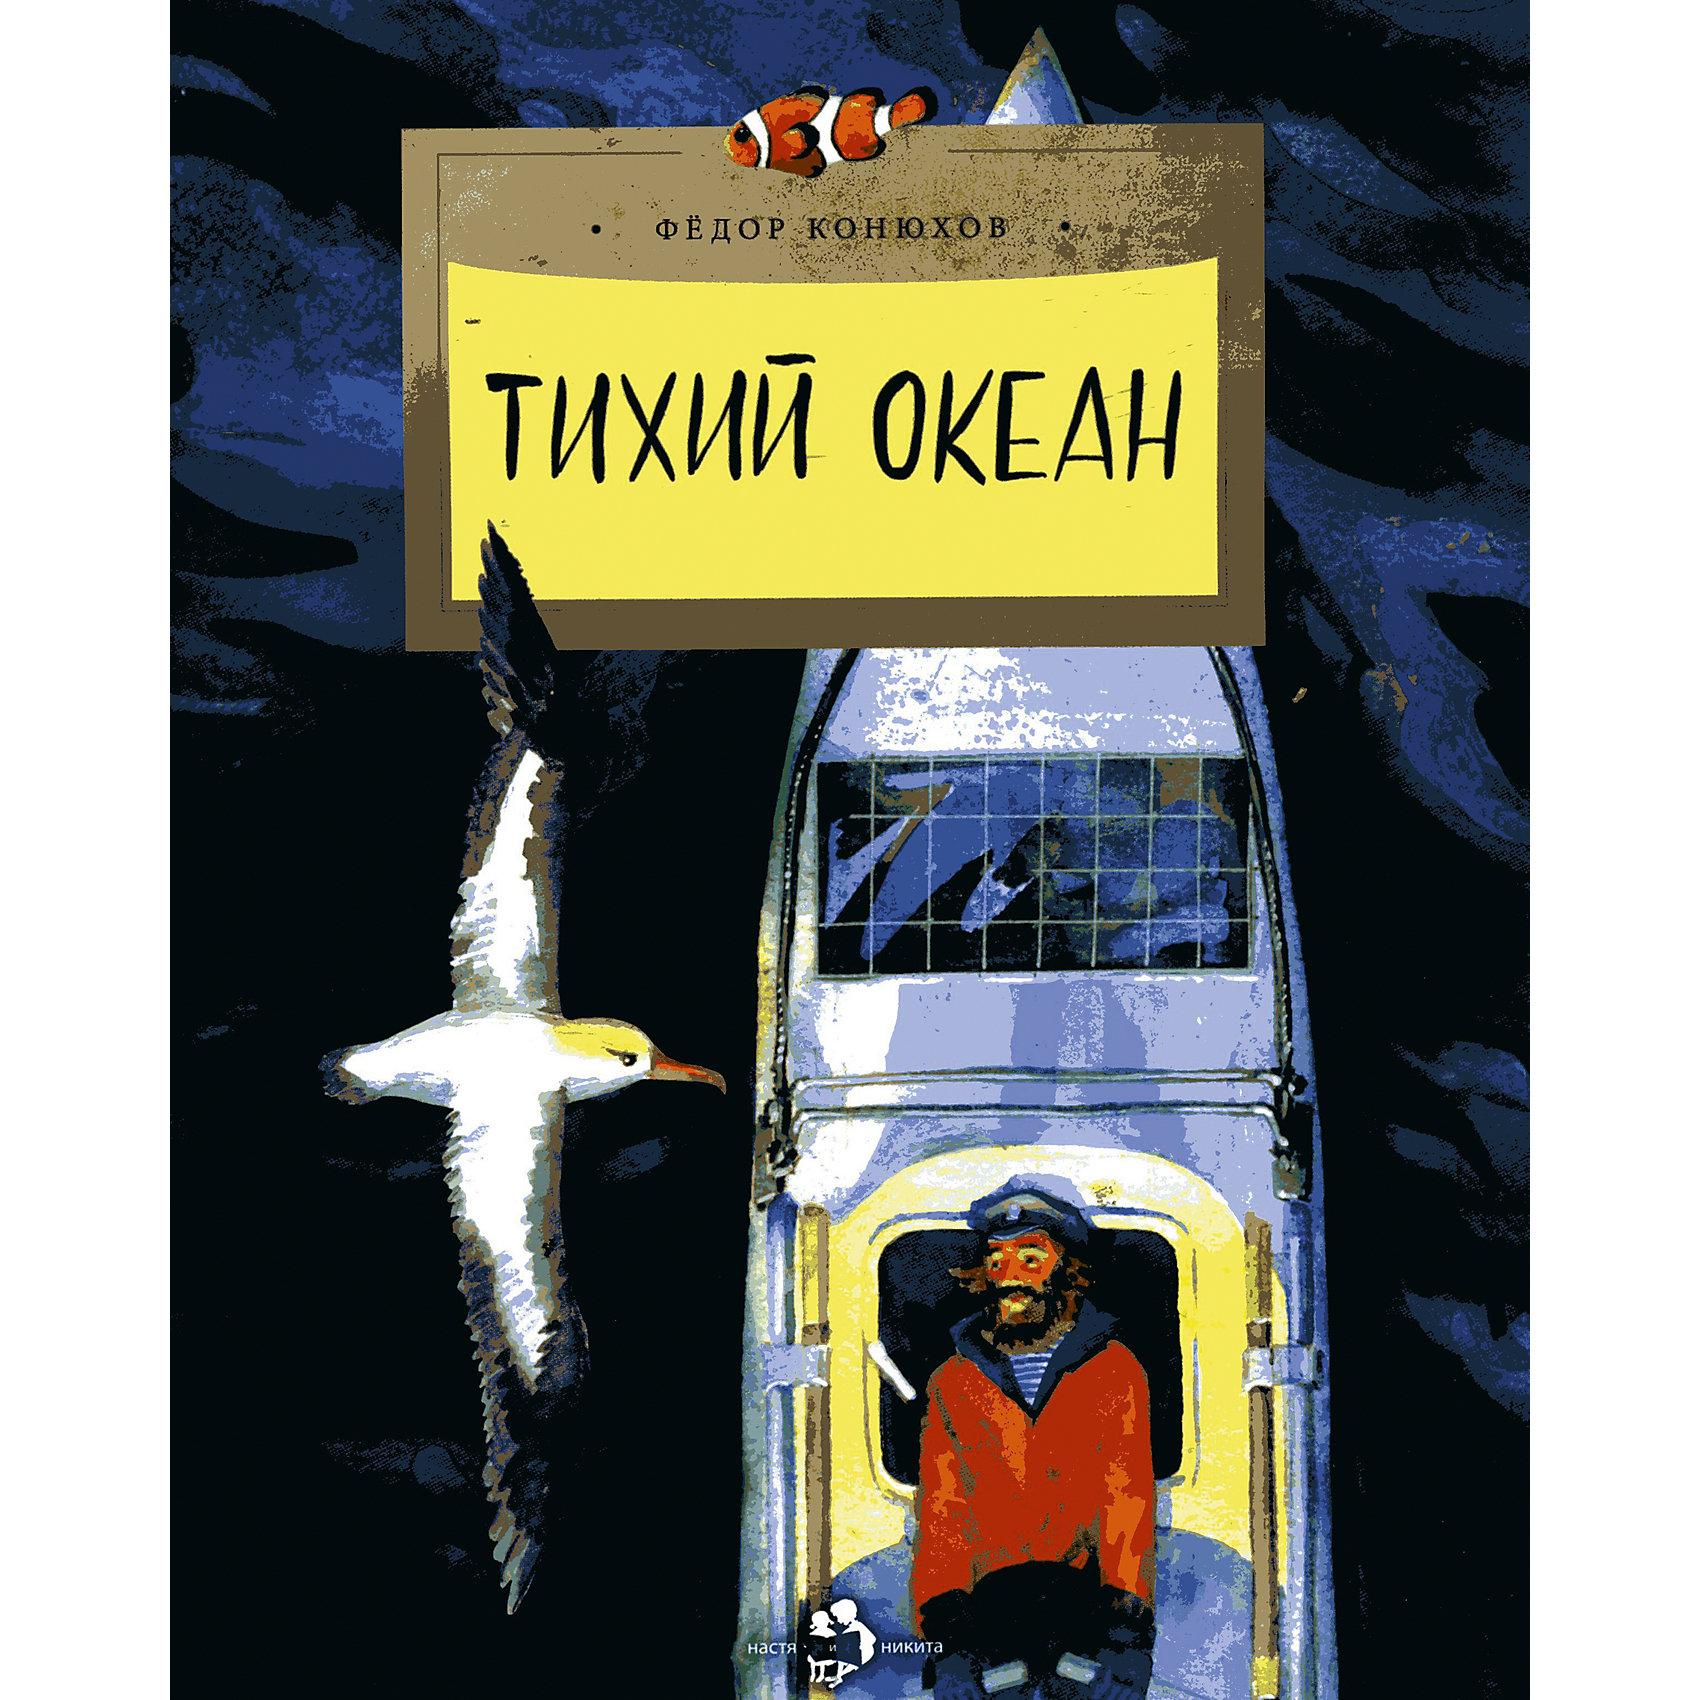 Тихий океан, Ф. КонюховТихий океан, Ф. Конюхов - это книга, путешествие по просторам огромного Тихого океана, который на самом деле совсем не тихий.<br>Что таят в себе морские глубины? Почему Тихий океан на деле совсем не тихий? Что станет с кораллом, если вытащить его из воды? Под водой сокрыто множество загадок, которые так интересны детям, а книга Федора Конюхова «Тихий океан» даст малышам развернутые и доступные ответы на многие из них. Автор образно рассказывает о тайфунах и цунами, о подводных обитателях и об устройстве весельной лодки, на которой он в одиночку переплыл Тихий океан. И разве могут дети не поверить такому опытному и отважному путешественнику? Многочисленные акварельные иллюстрации Артема Безменова не только дополняют повествование, но и передают таинственную, влекущую, необъяснимую красоту океана.<br><br>Дополнительная информация:<br><br>- Автор: Конюхов Федор<br>- Художник: Безменов Артем<br>- Редактор: Ткаченко Александр<br>- Издательство: Настя и Никита, 2015 г.<br>- Тип обложки: мягкий переплет (крепление скрепкой или клеем)<br>- Иллюстрации: цветные<br>- Количество страниц: 24 (офсет)<br>- Размер: 270x210x3 мм.<br>- Вес: 94 гр.<br><br>Книгу «Тихий океан», Ф. Конюхов можно купить в нашем интернет-магазине.<br><br>Ширина мм: 209<br>Глубина мм: 2<br>Высота мм: 269<br>Вес г: 150<br>Возраст от месяцев: 72<br>Возраст до месяцев: 96<br>Пол: Унисекс<br>Возраст: Детский<br>SKU: 4522424